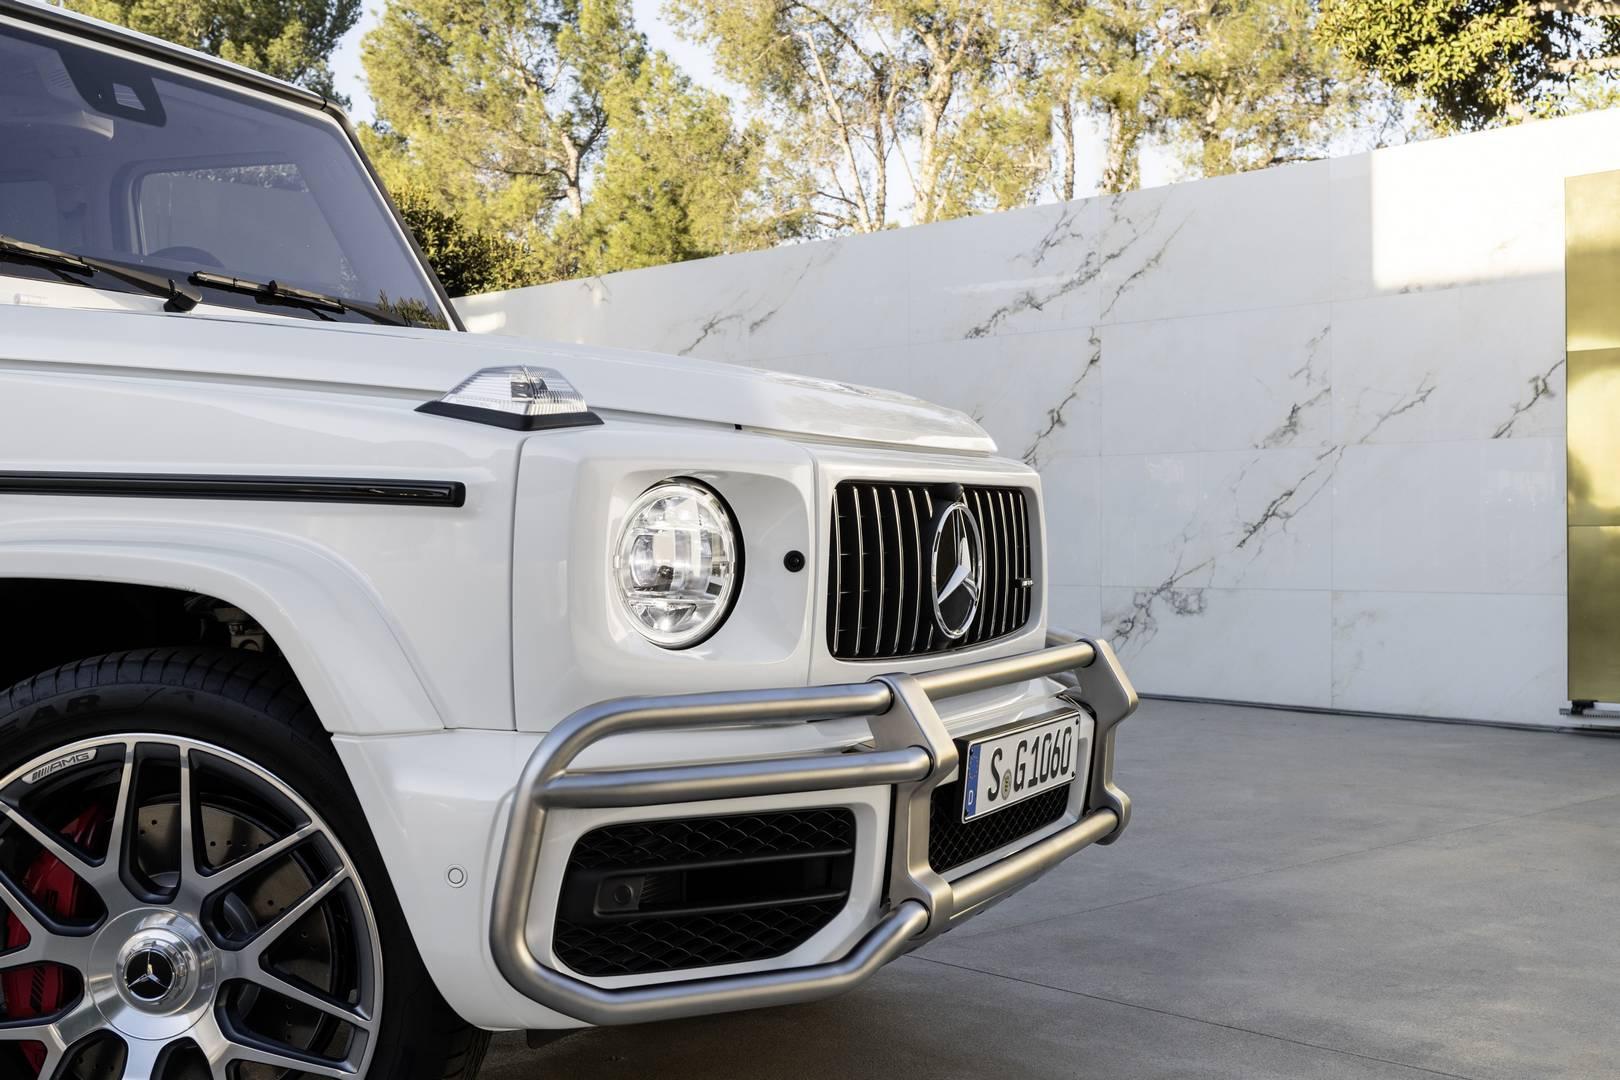 Это хорошо, но явно недостаточно для владельцев версии AMG предыдущей модели. Итак, вот новый AMG G 63, оснащенный производным от того же 4,0-литрового V8, который рассчитан на великолепные 585 лошадиных сил, направляемые на все колеса через 9-ступен